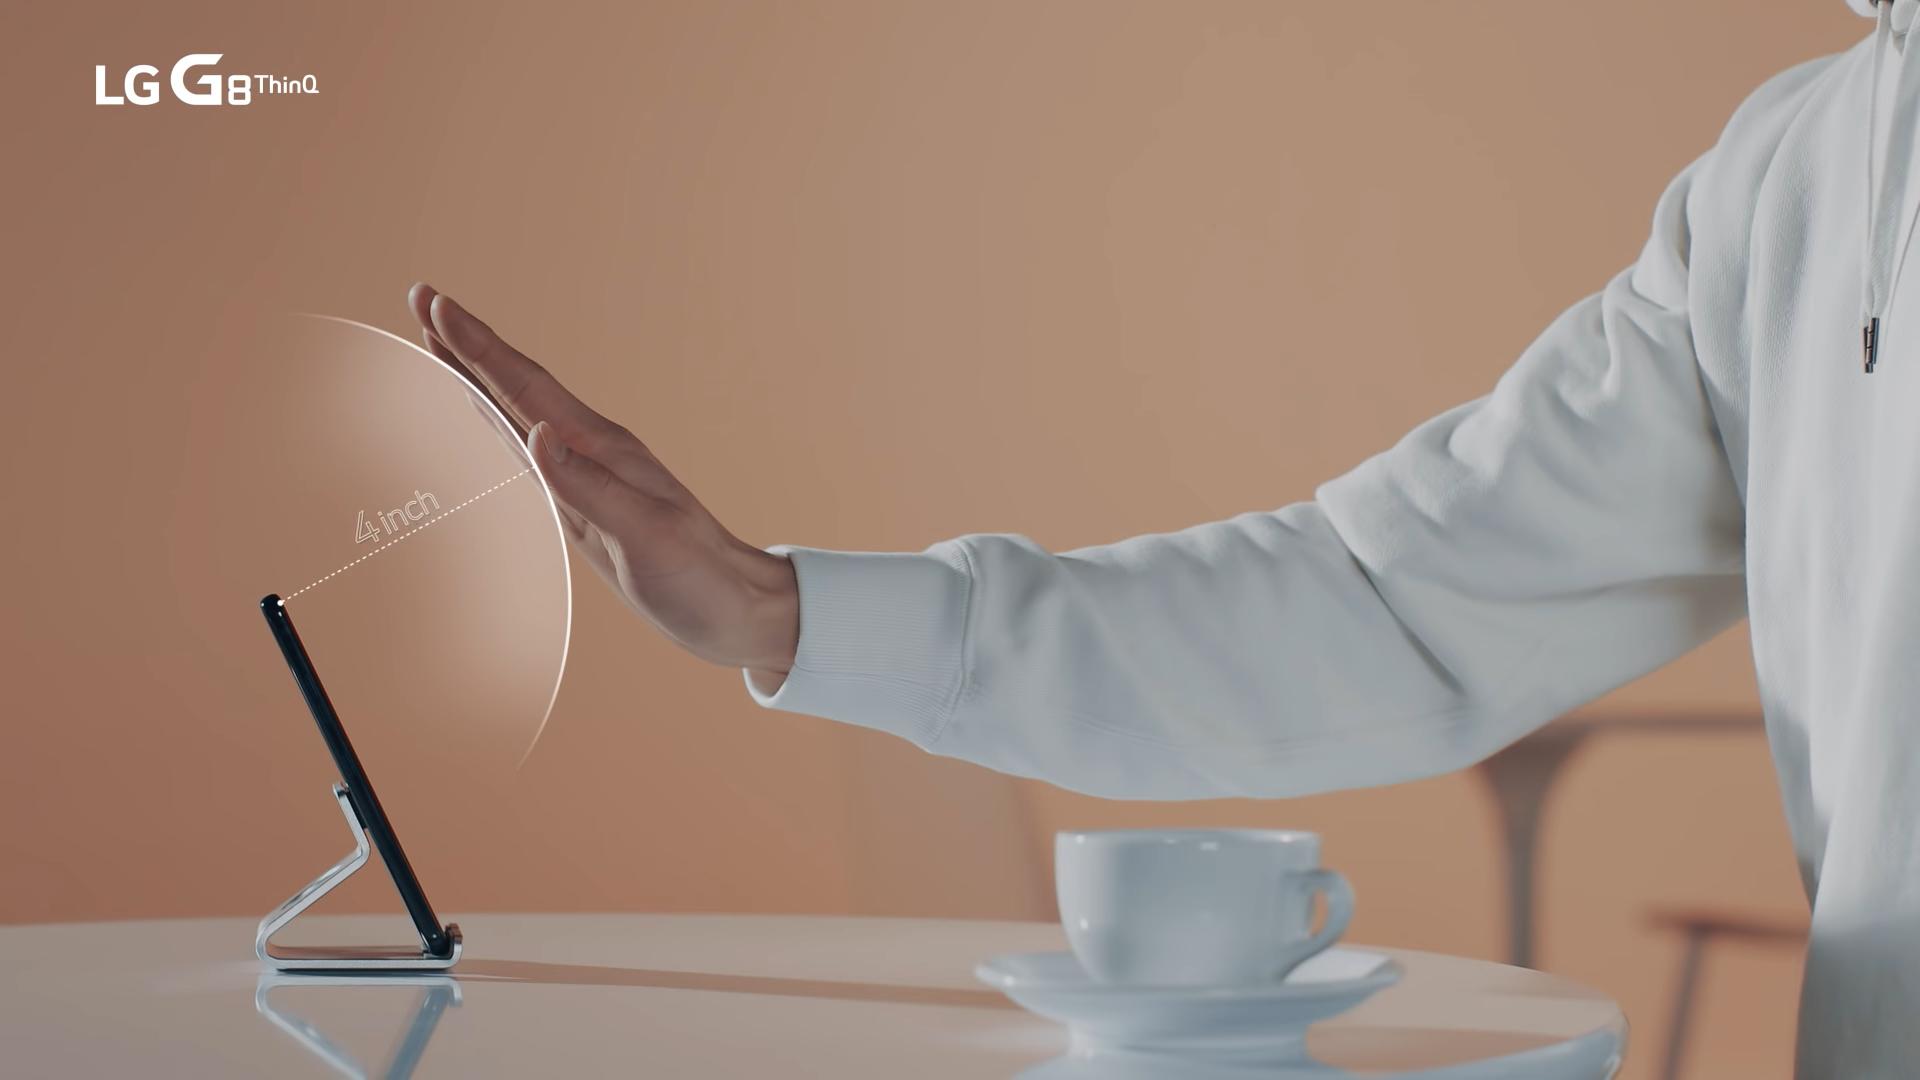 Cử chỉ điều hướng Air Motion trên LG G8 ThinQ